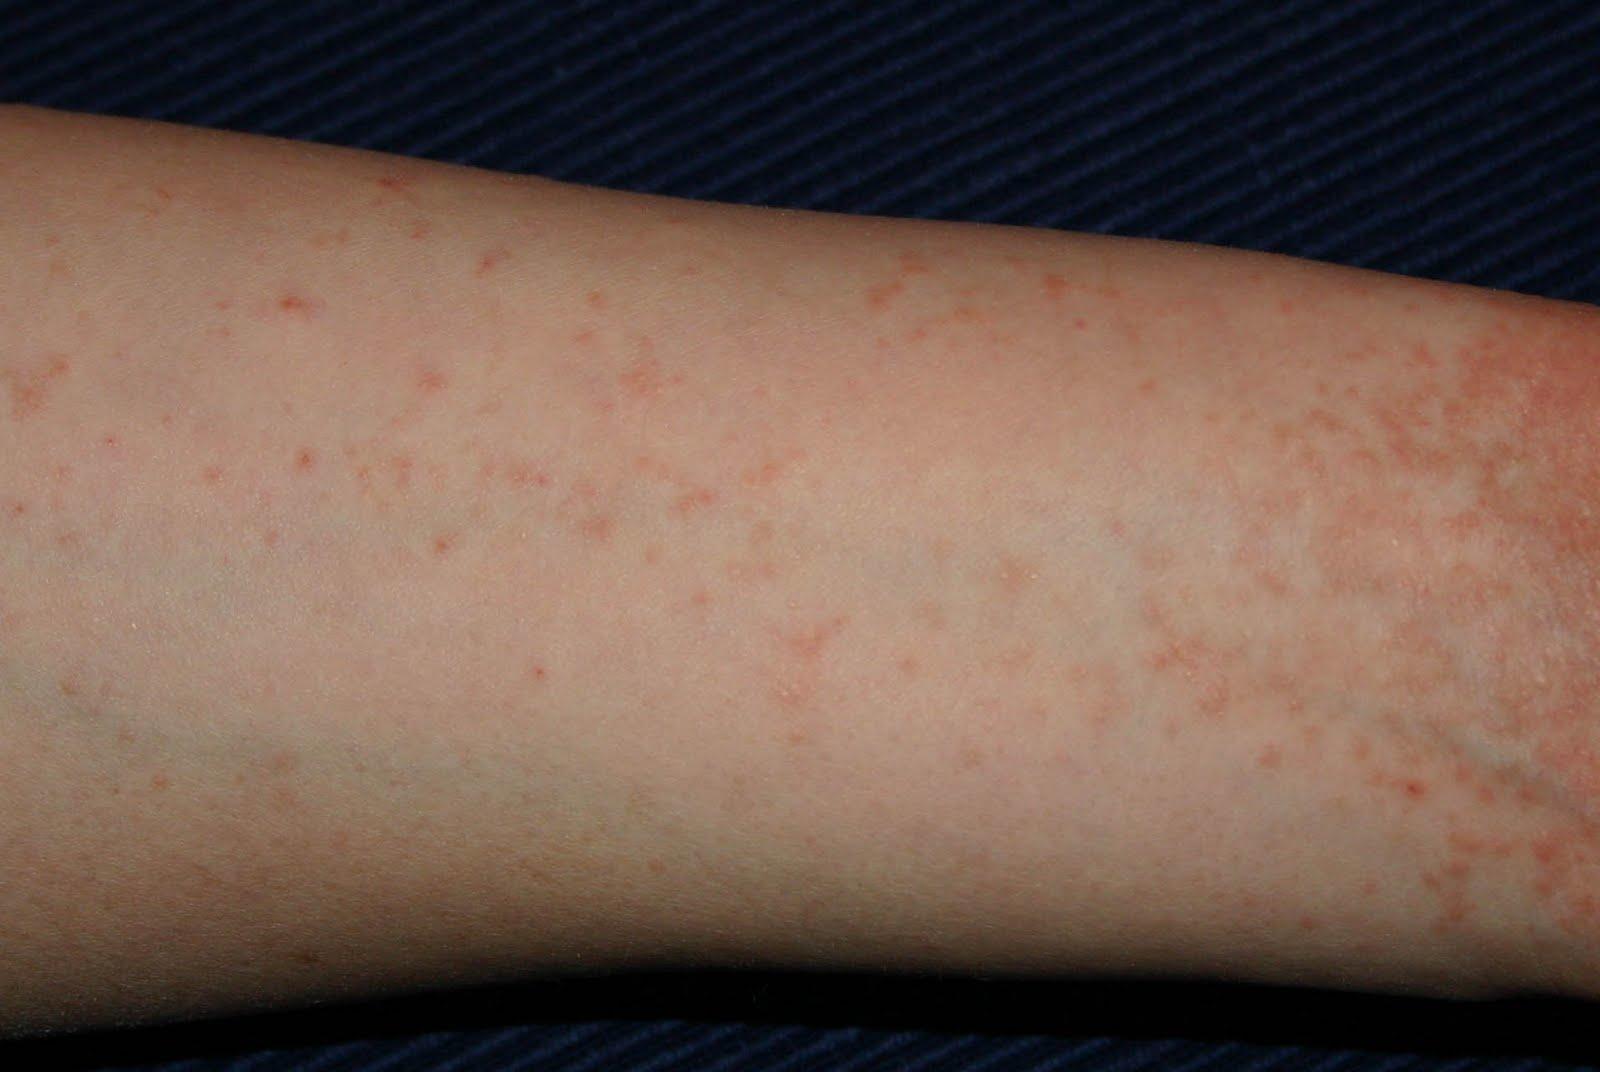 apró vörös foltok jelentek meg a bőr alatt